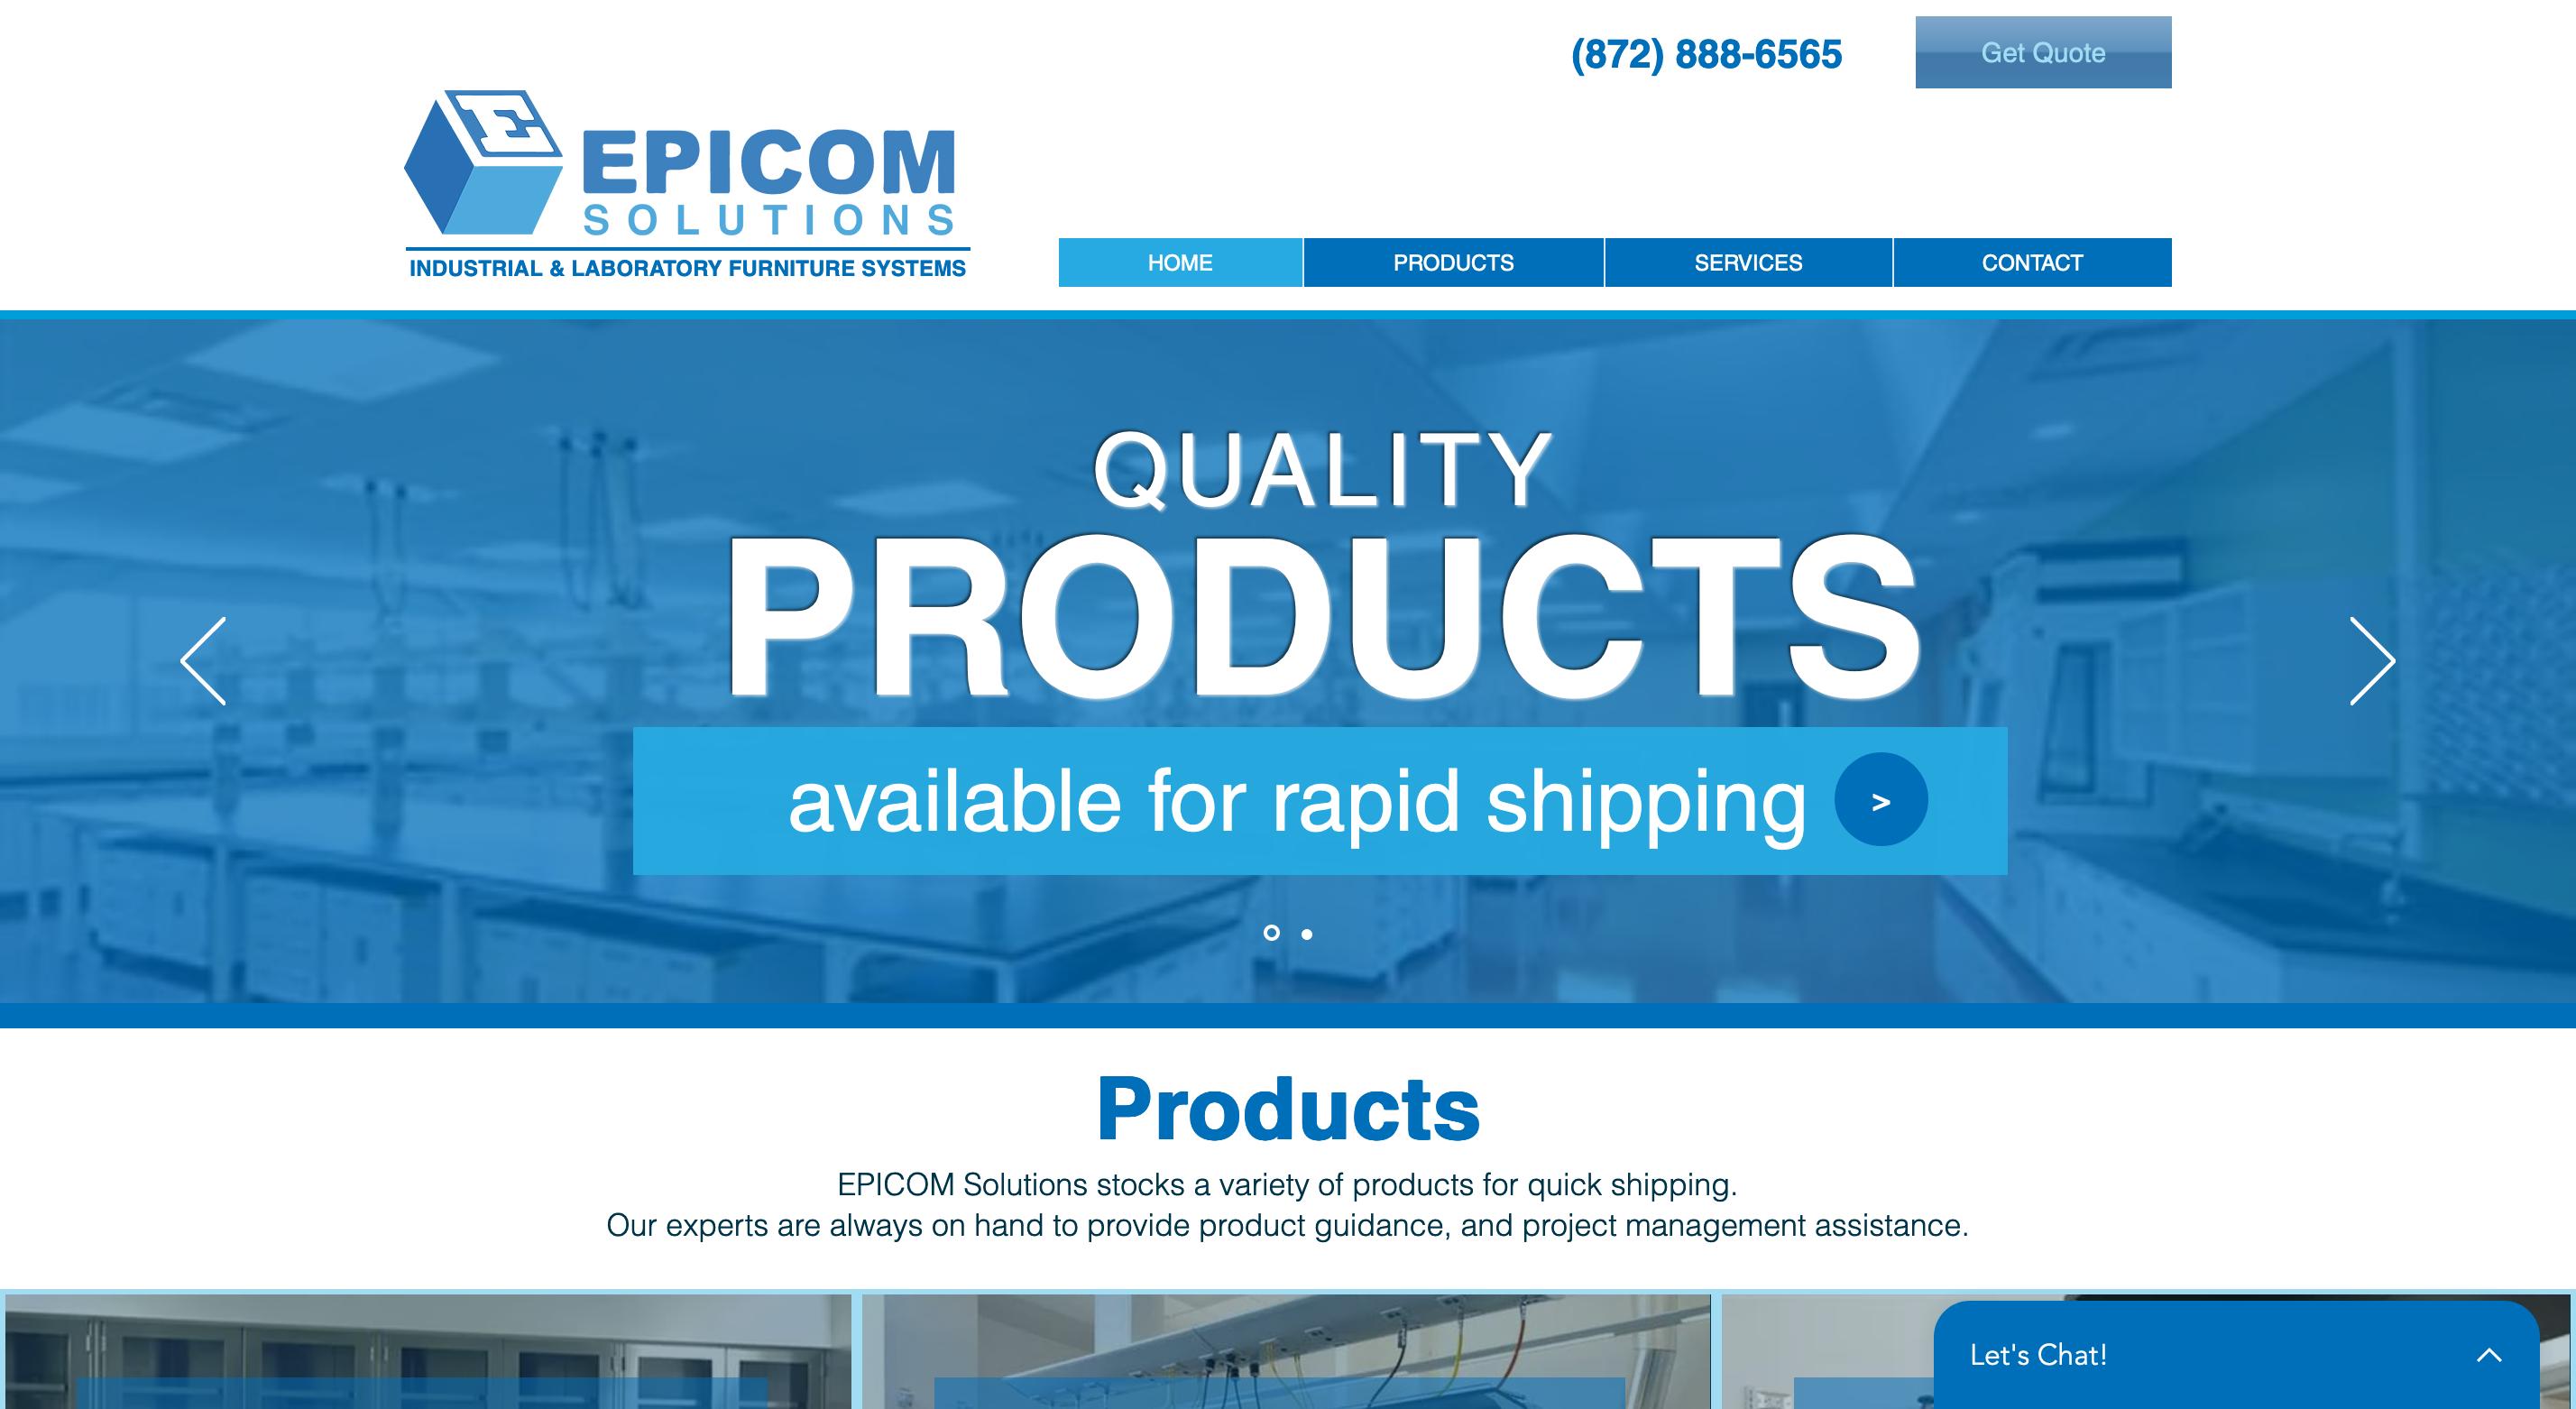 Epicom Solutions